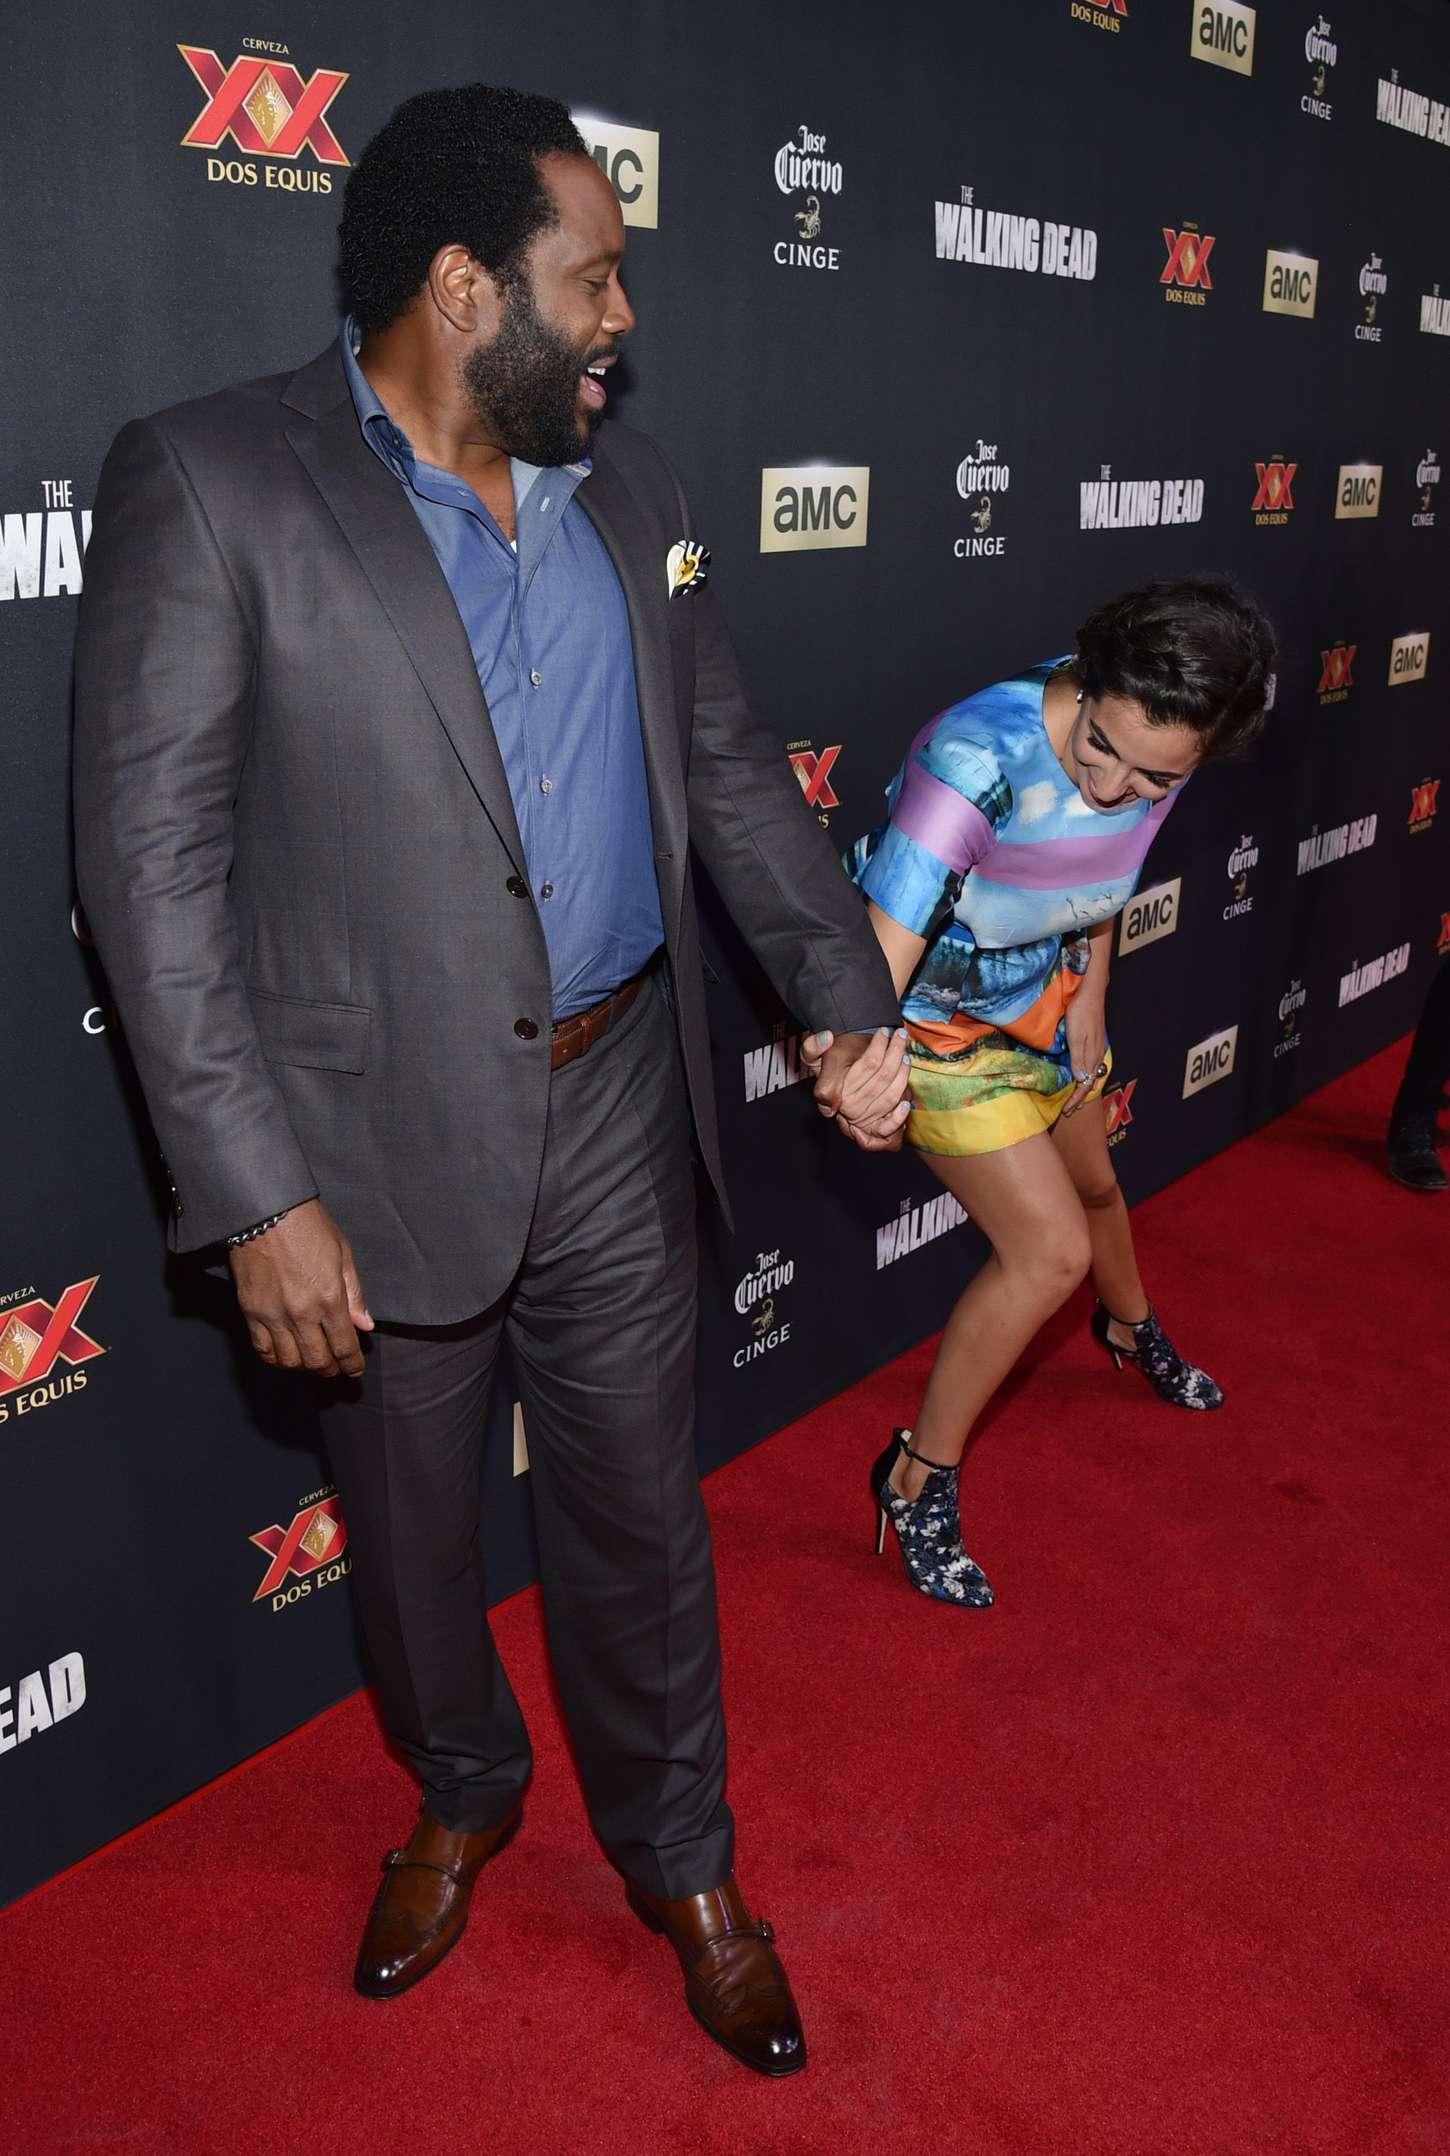 Alanna Masterson 2014 : Alanna Masterson: The Walking Dead Season 5 Premiere -12